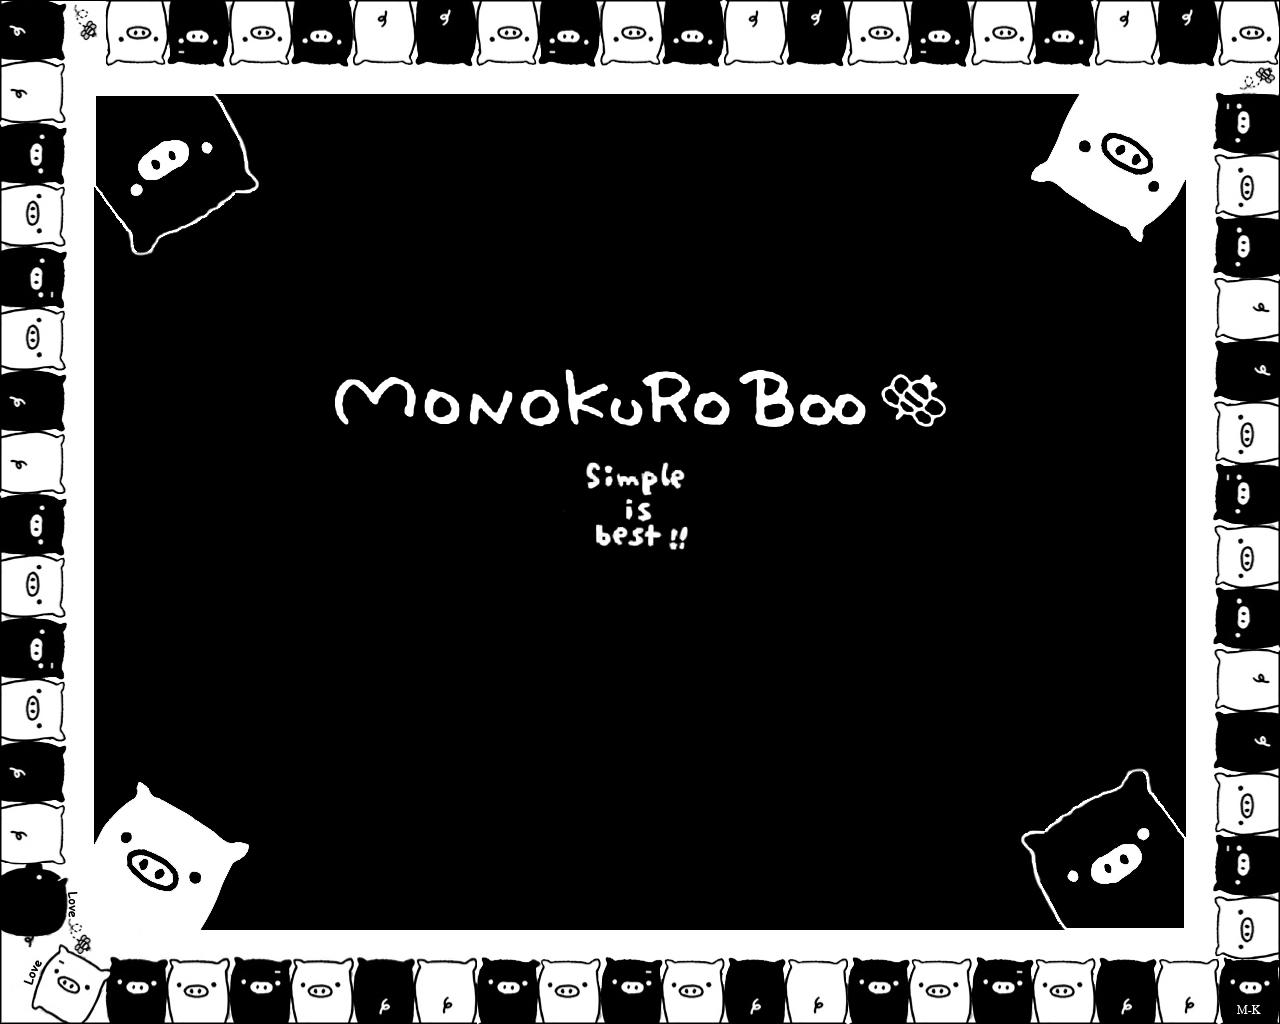 http://1.bp.blogspot.com/_byGIMoao8vk/TTVwn1h_NCI/AAAAAAAAAos/bJ_UejTTrVk/s1600/Monokuro_Boo_by_Matsuken_Kun.jpg